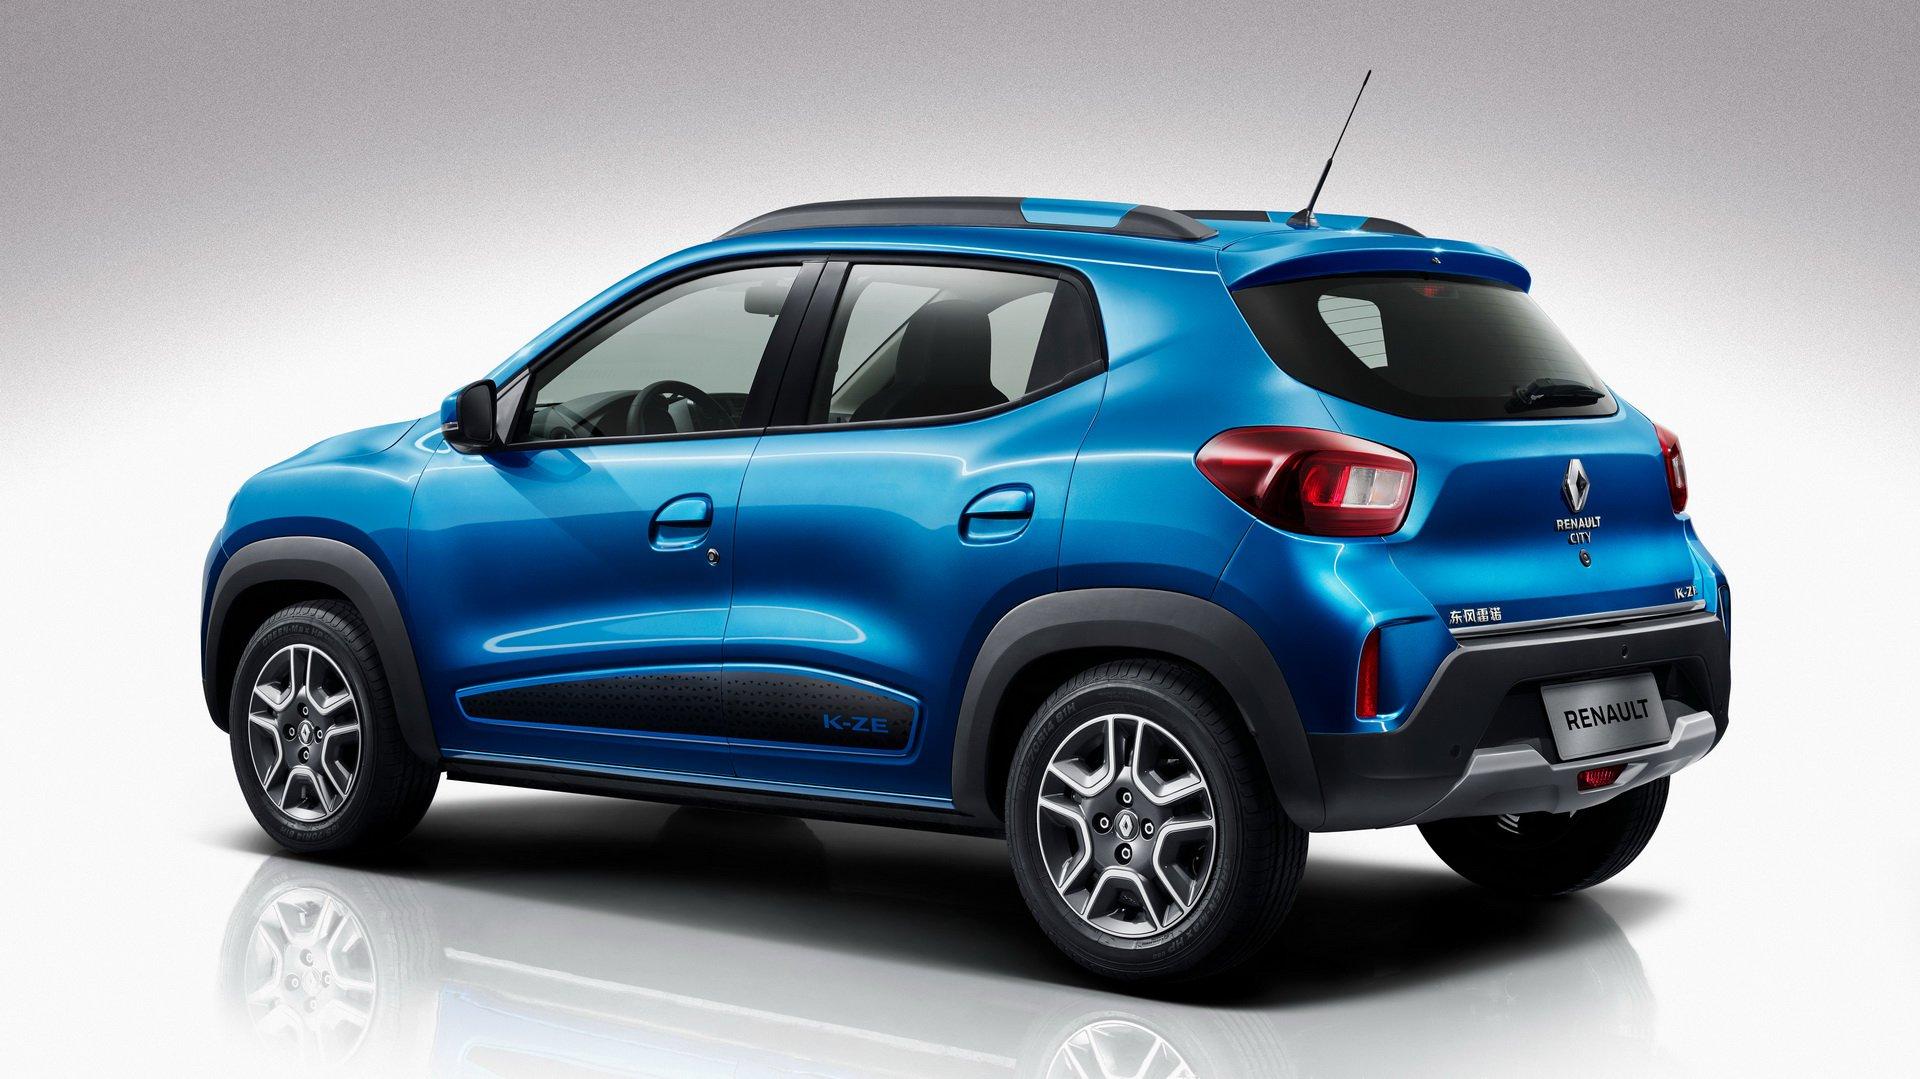 К выпуску готовится новая версия Renault Kwid